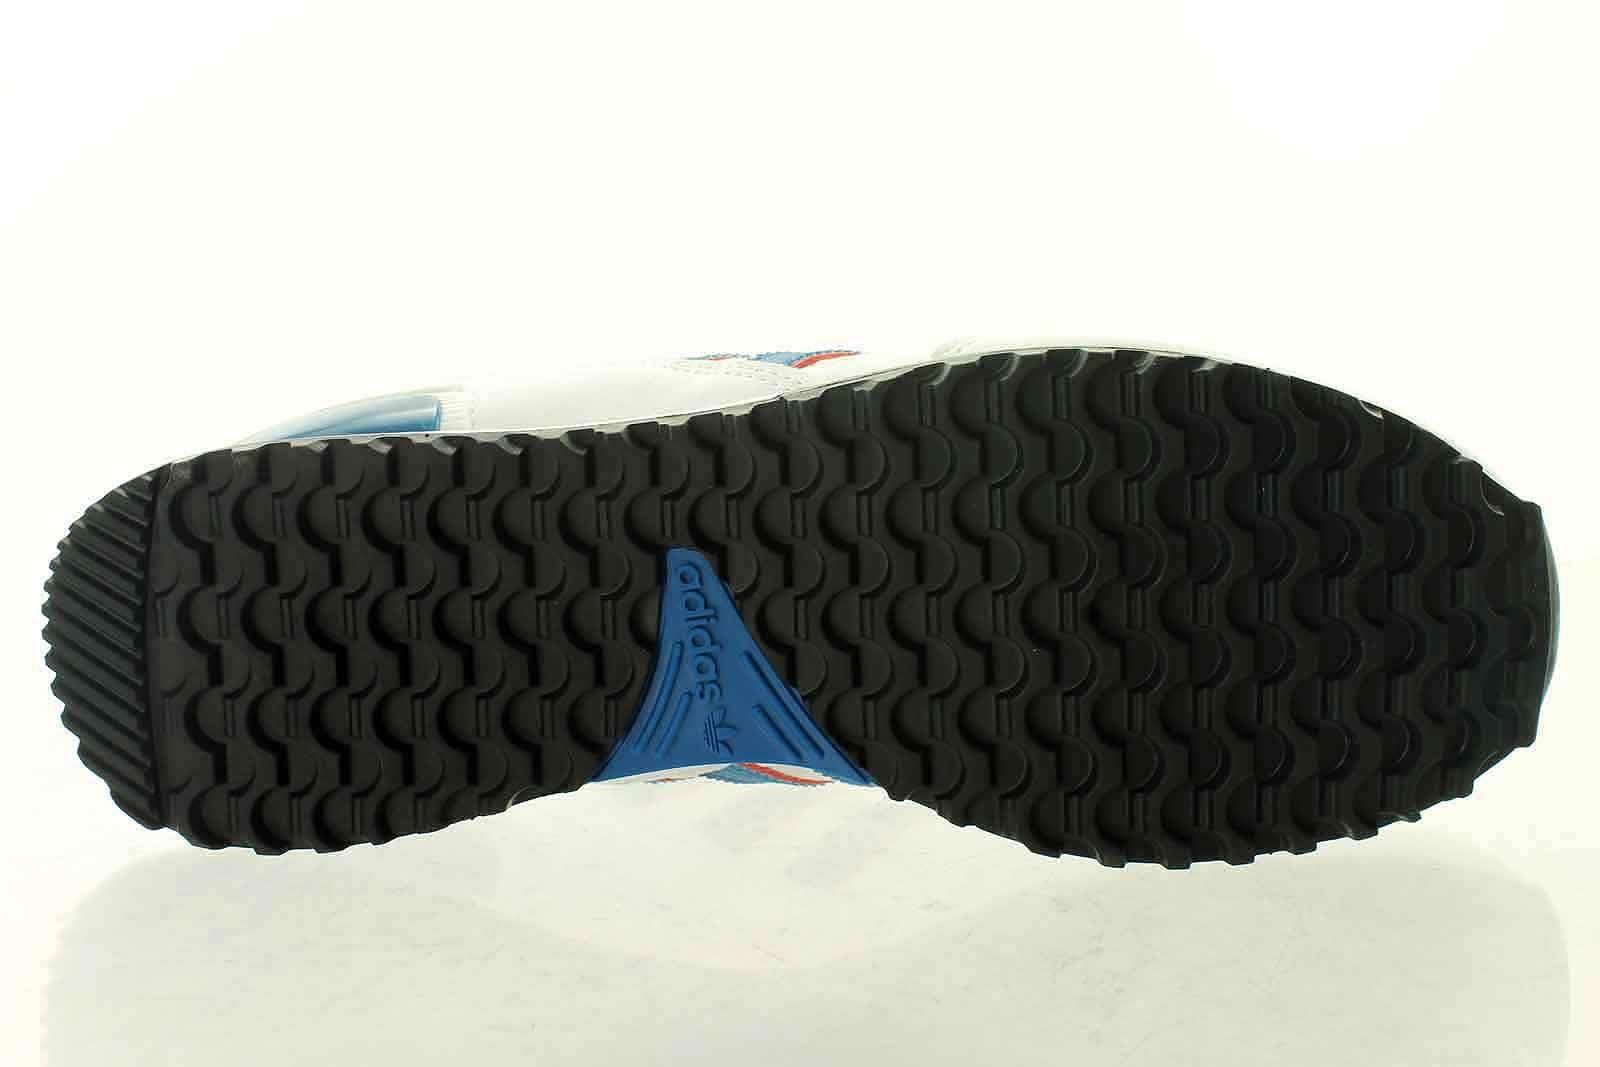 86aded4d9 Adidas ZX 750 Zapatillas para hombre ~ Originals ~ sólo Reino Unido ...